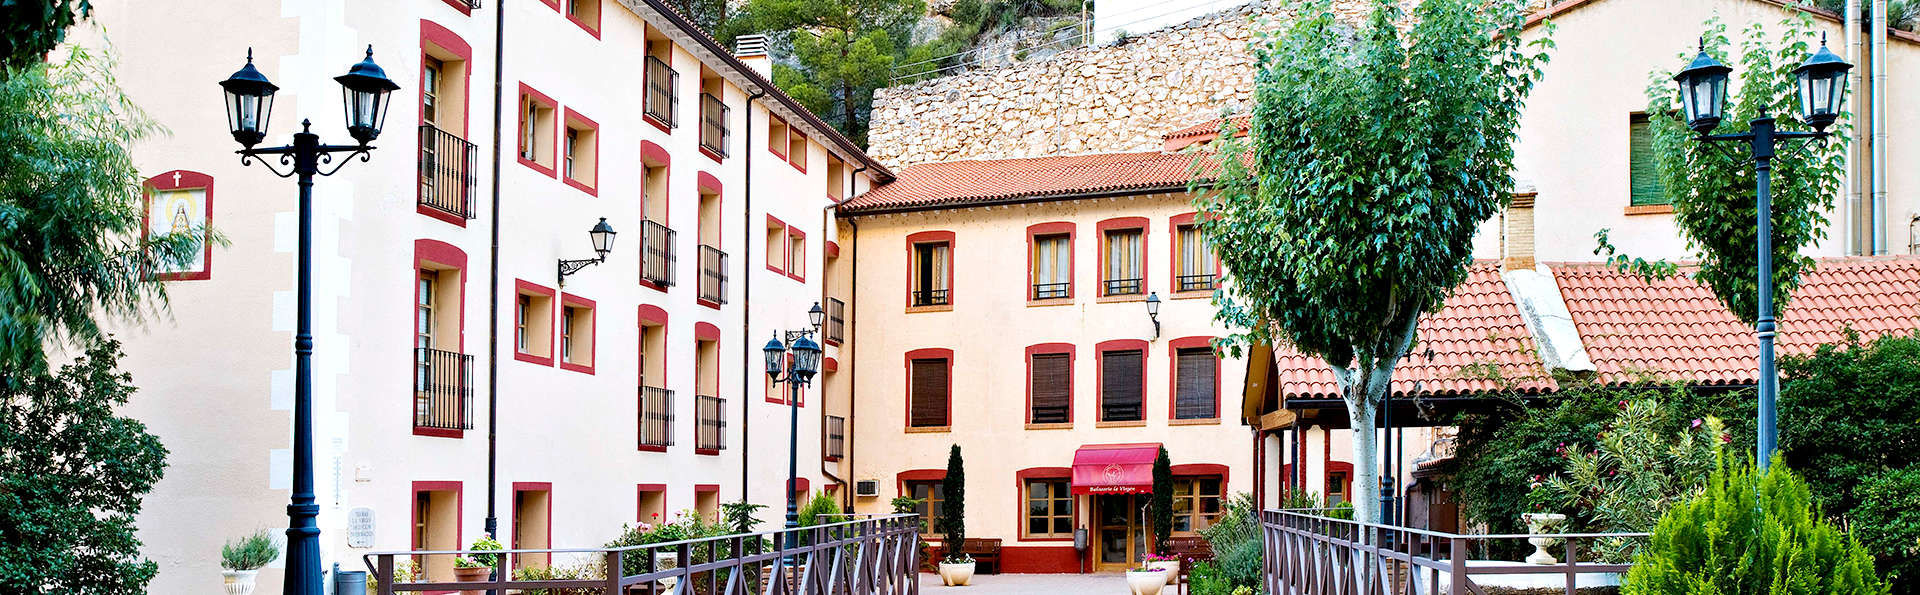 Hotel Spa Balneario de la Virgen - Edit_Front2.jpg